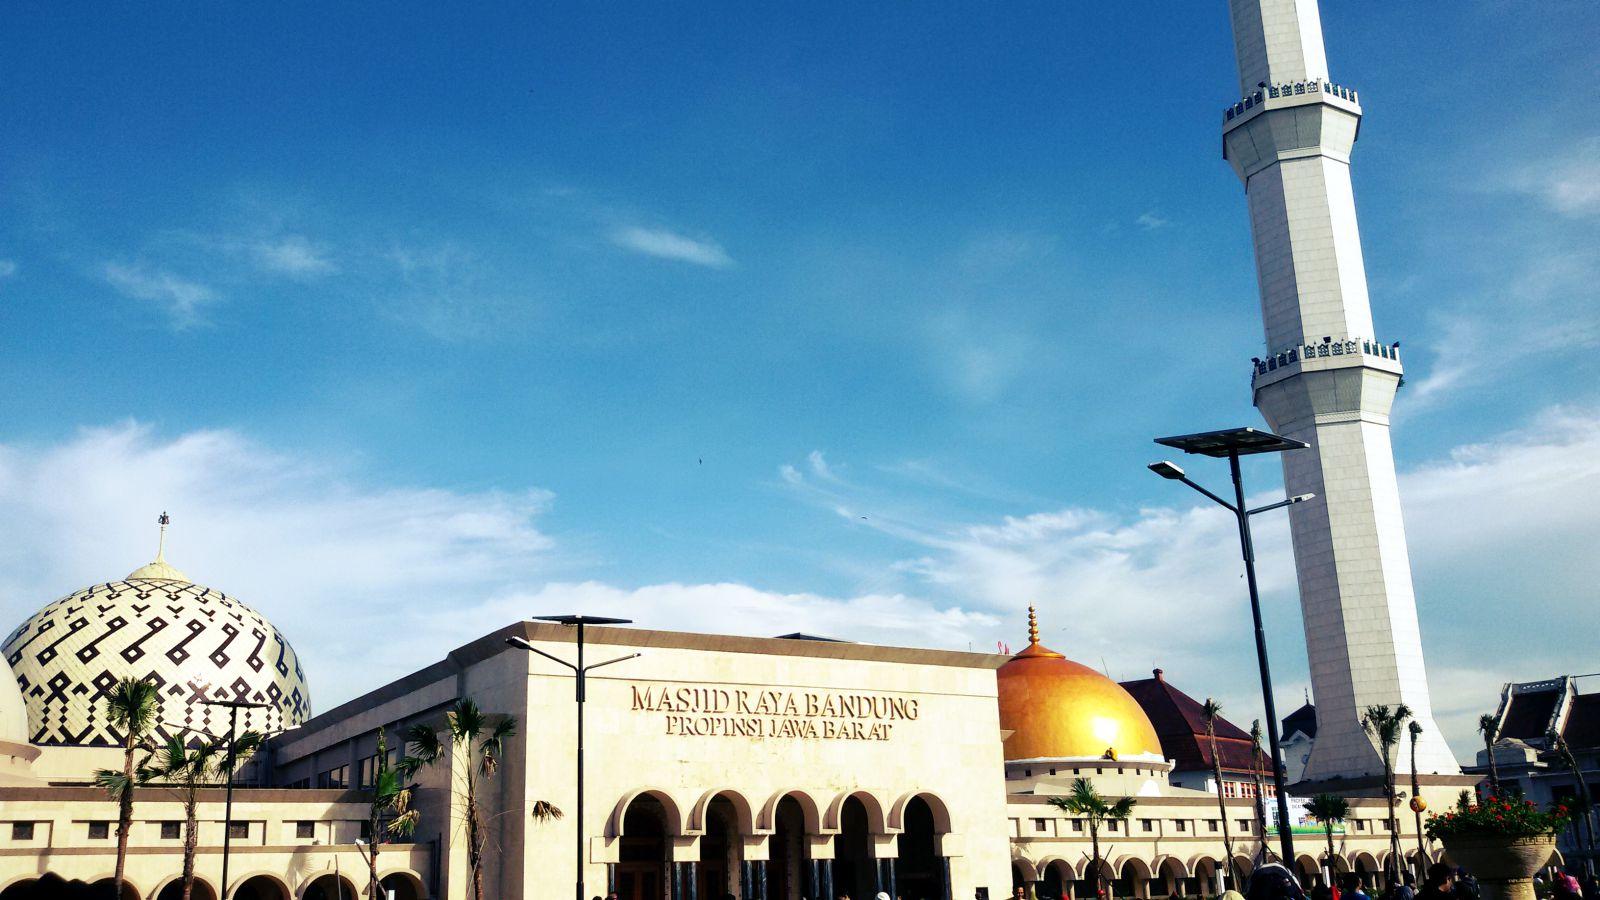 Wisata Masjid Agung  Of Bandung